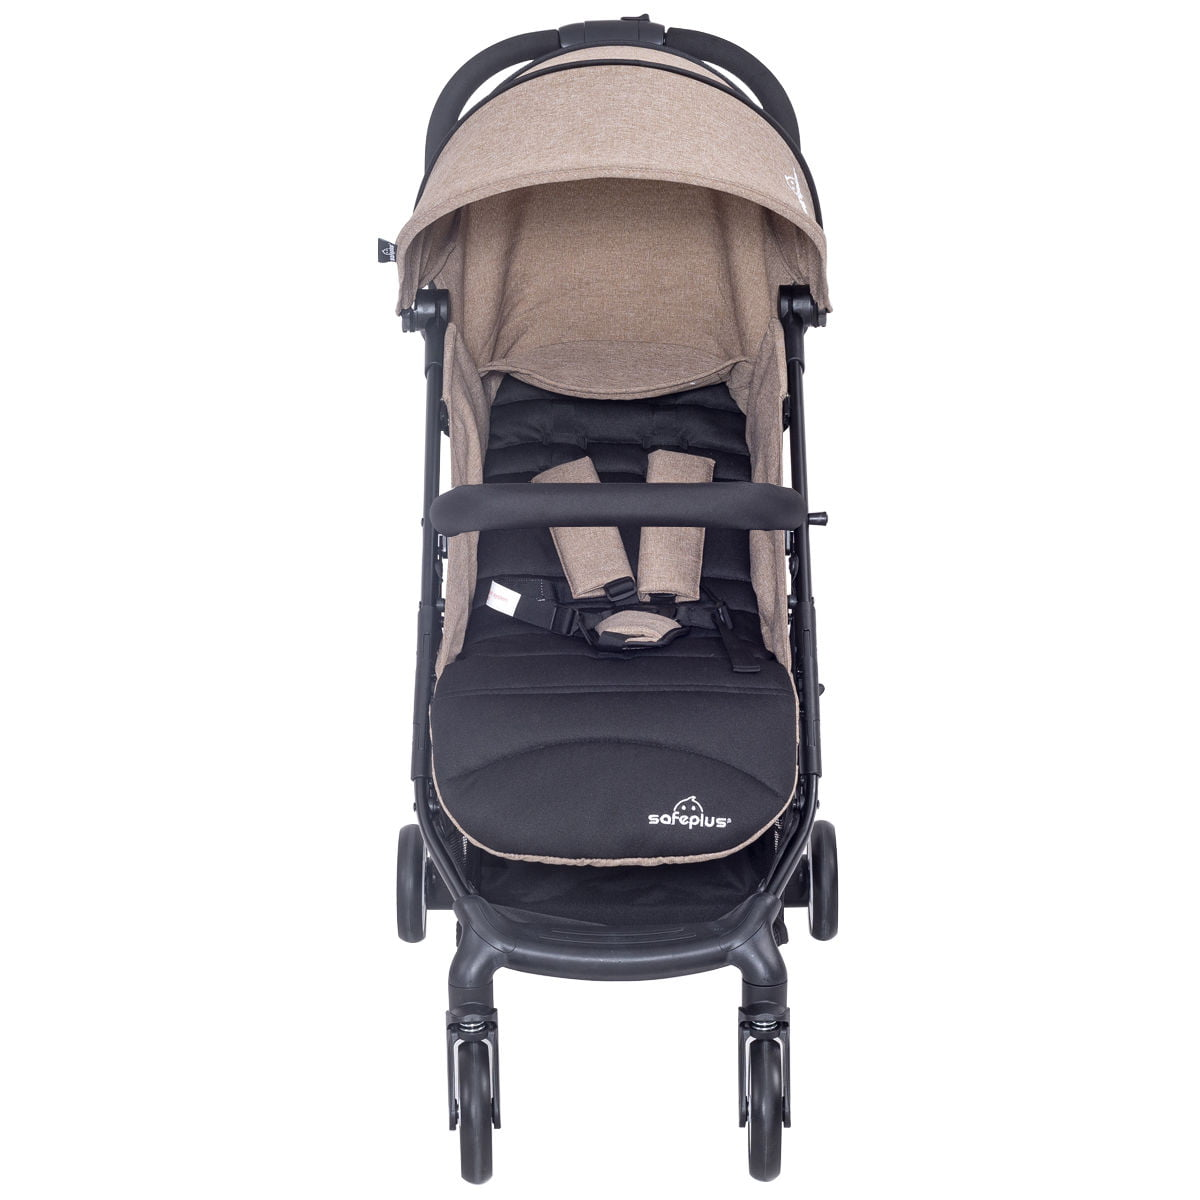 1 X Baby trolley storage bag organizer stroller pram buggy cup bottle bags FBB